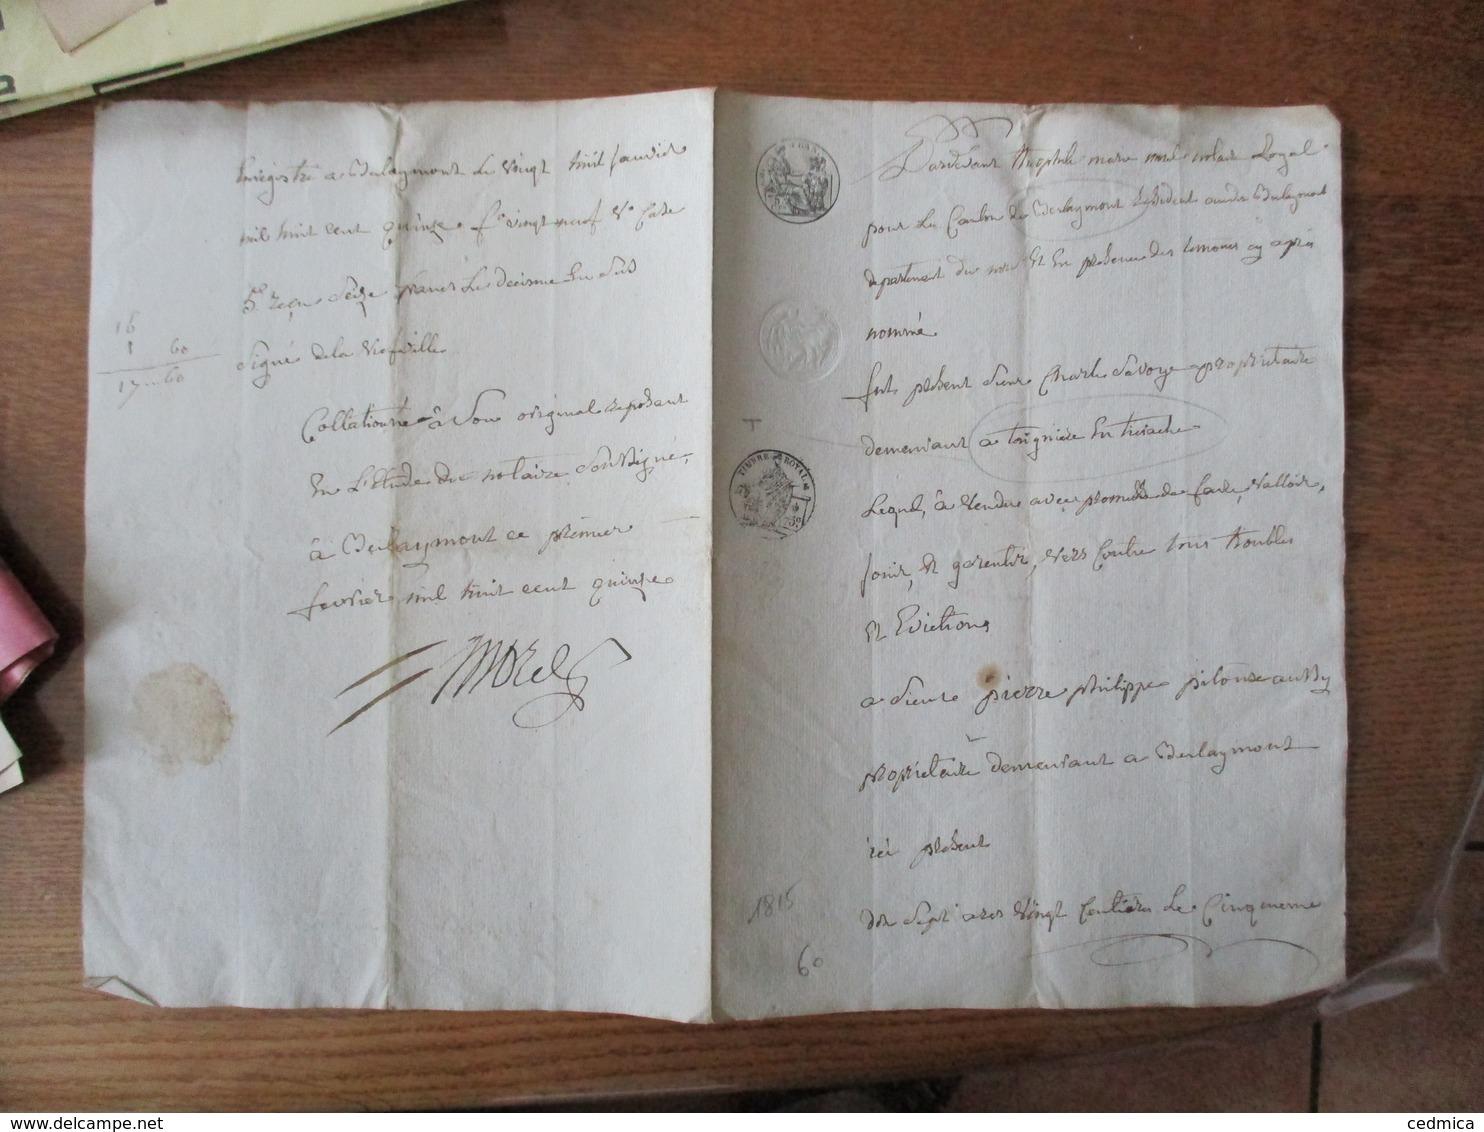 1er FEVRIER 1815  VENTE PAR LE SIEUR CHARLES SAVOY A TAIGNIERE AU SIEUR PIERRE PHILIPPE ALPHONSE AUSSY A BERLAIMONT - Manuscrits